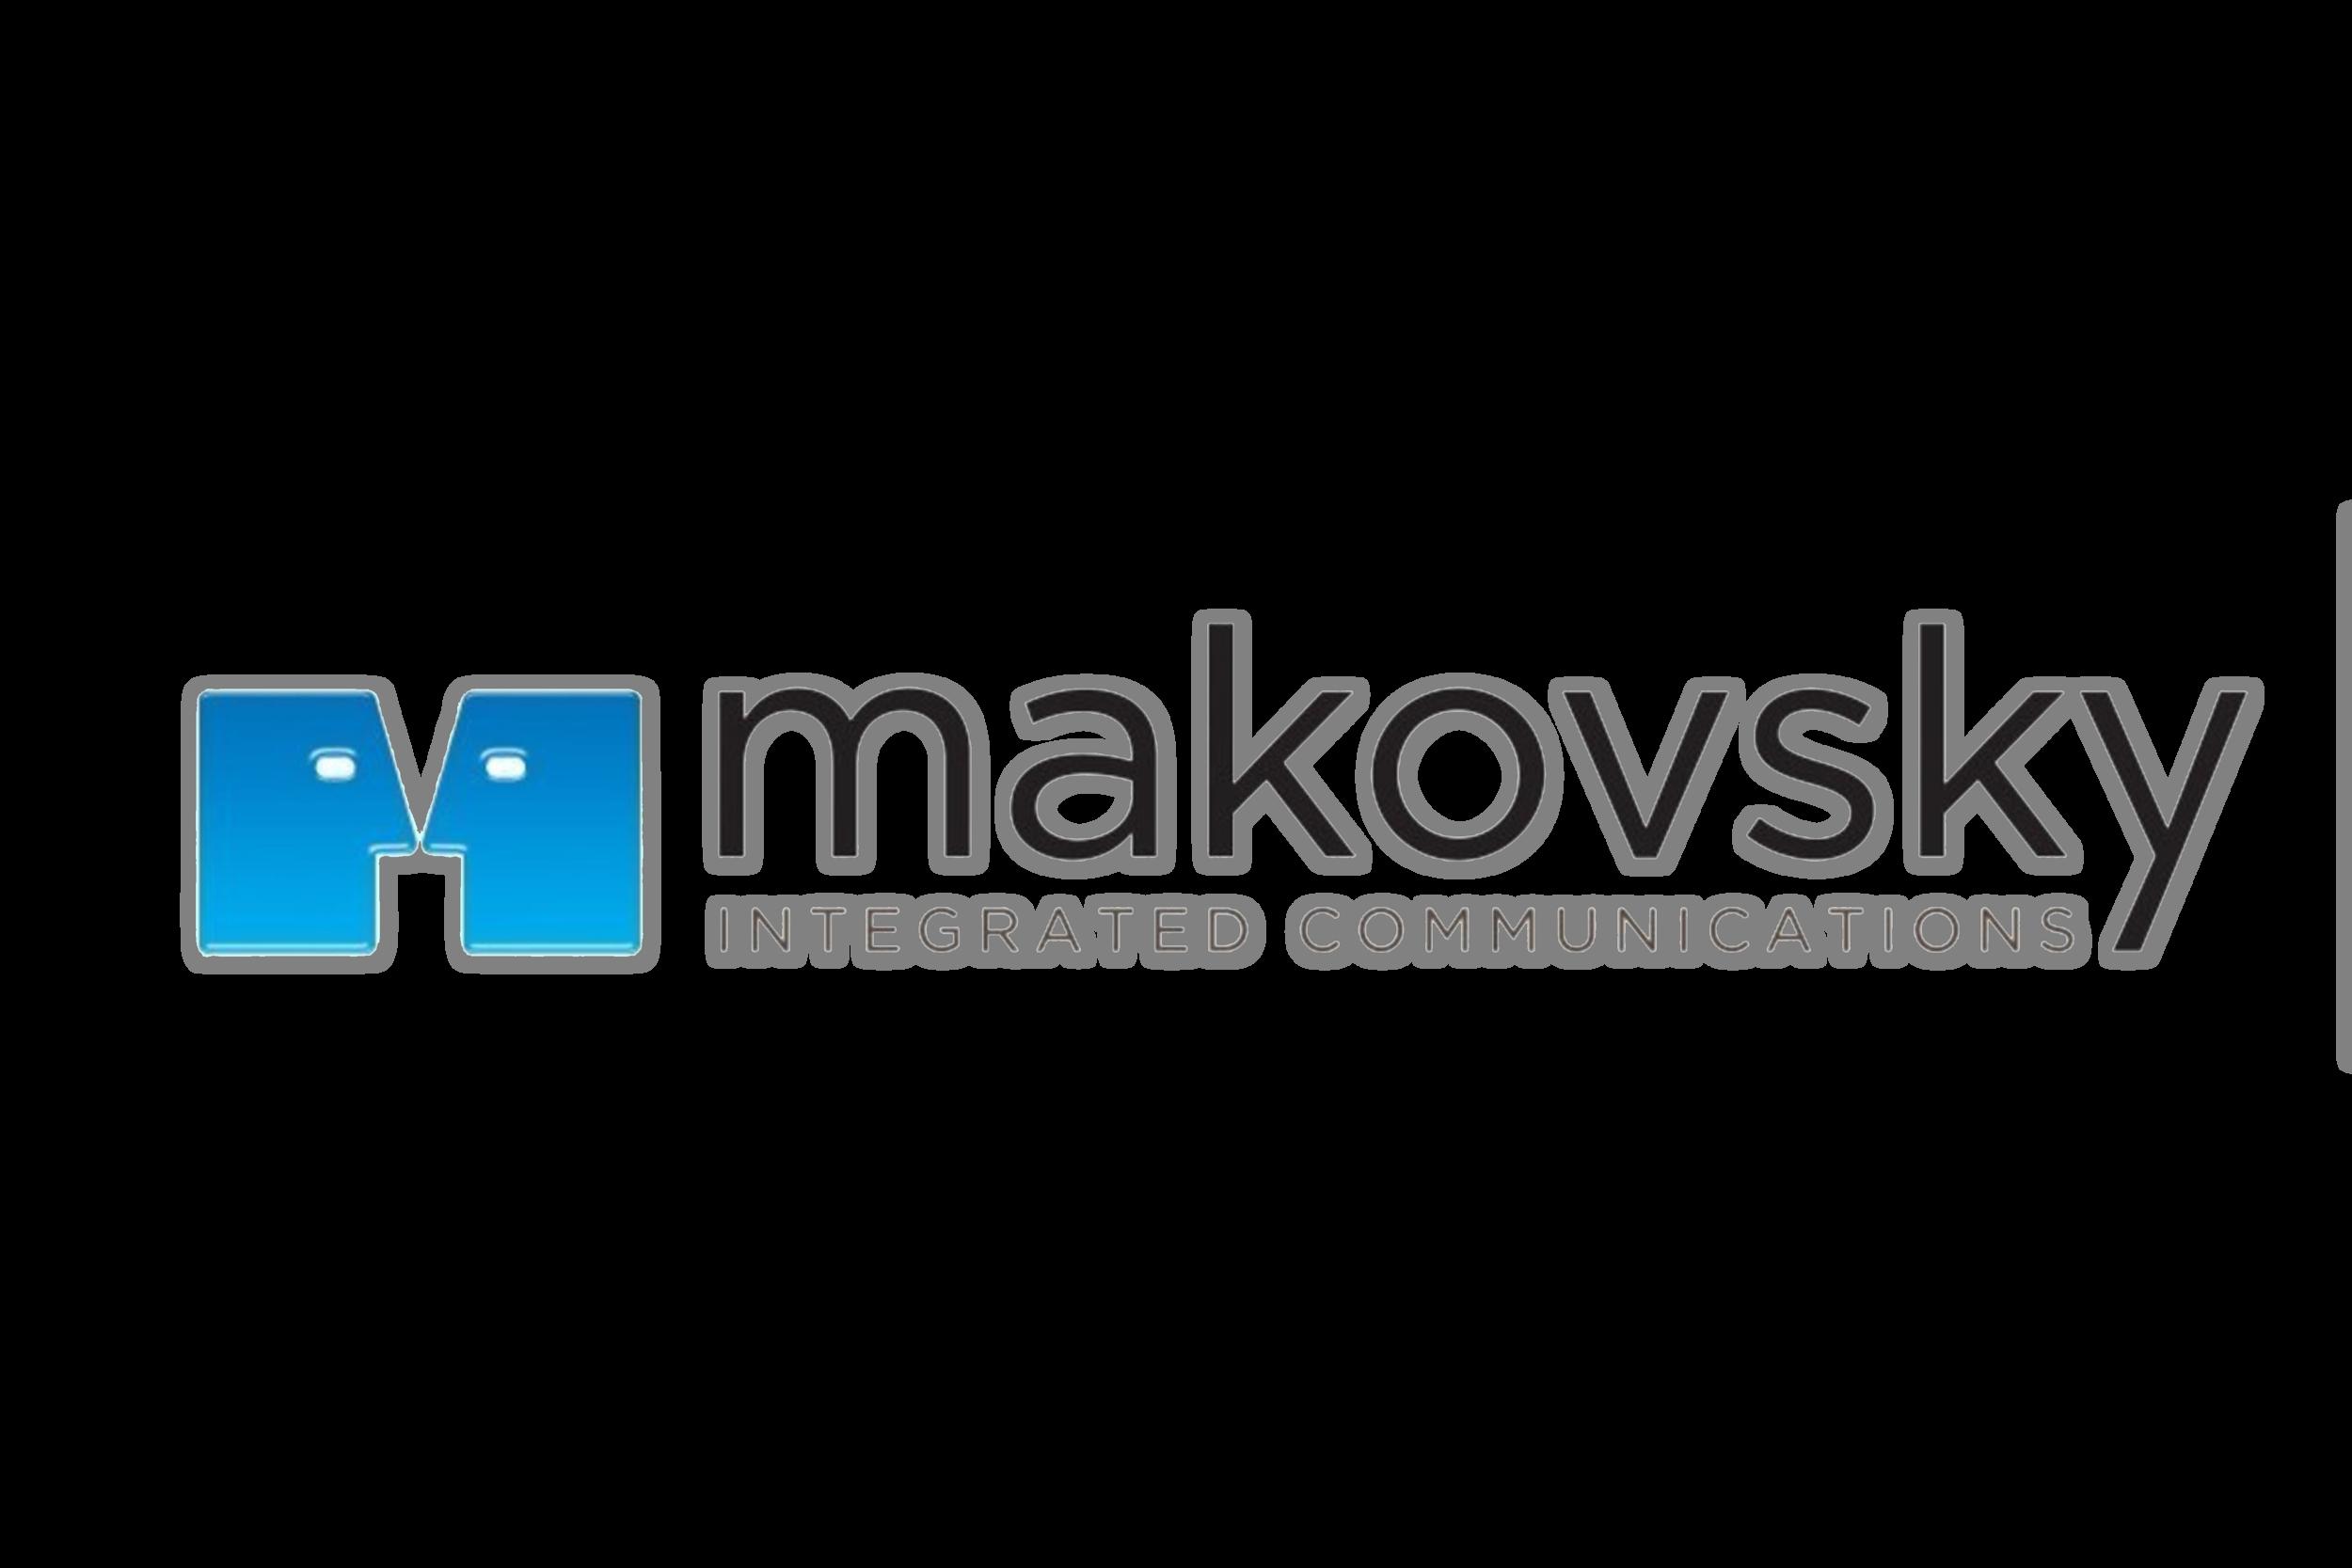 Makovsky.png